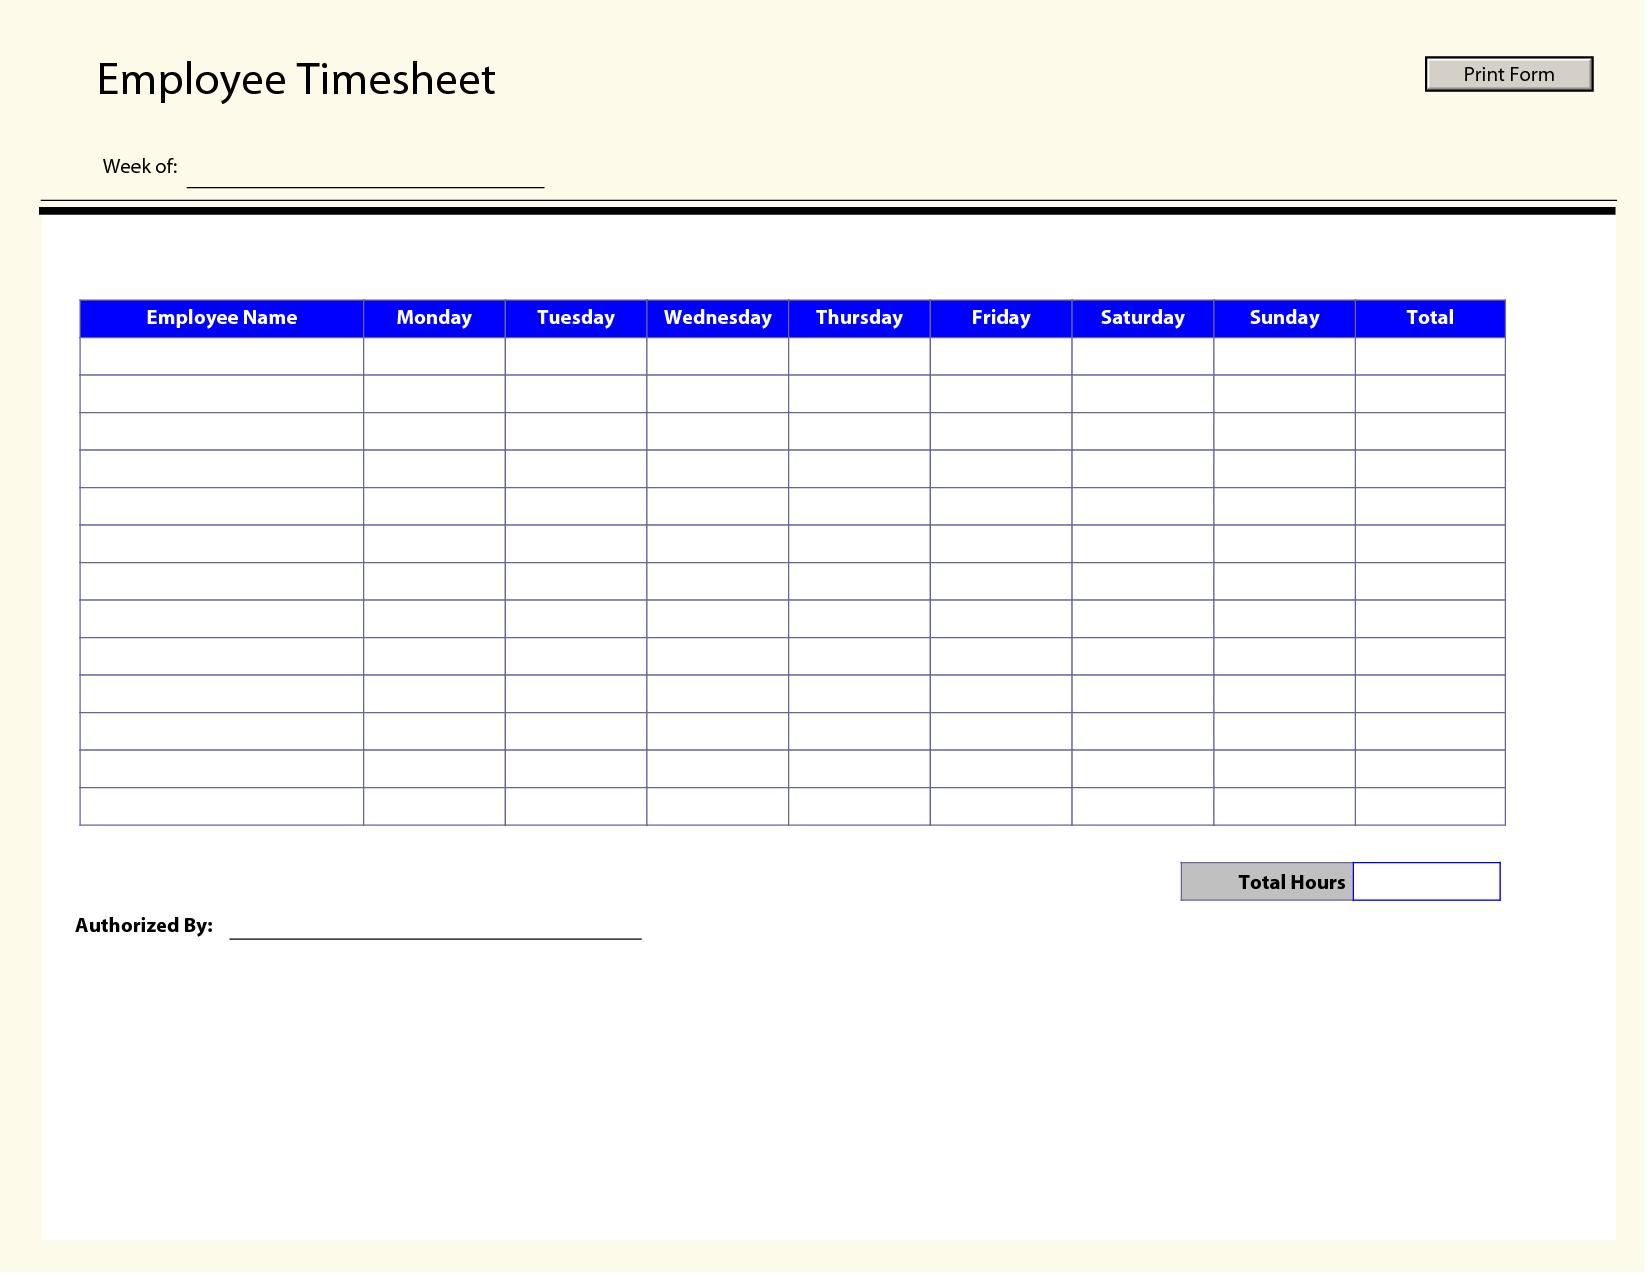 Printable Time Sheets | Free Printable Employee Timesheets Employee - Free Printable Weekly Time Sheets